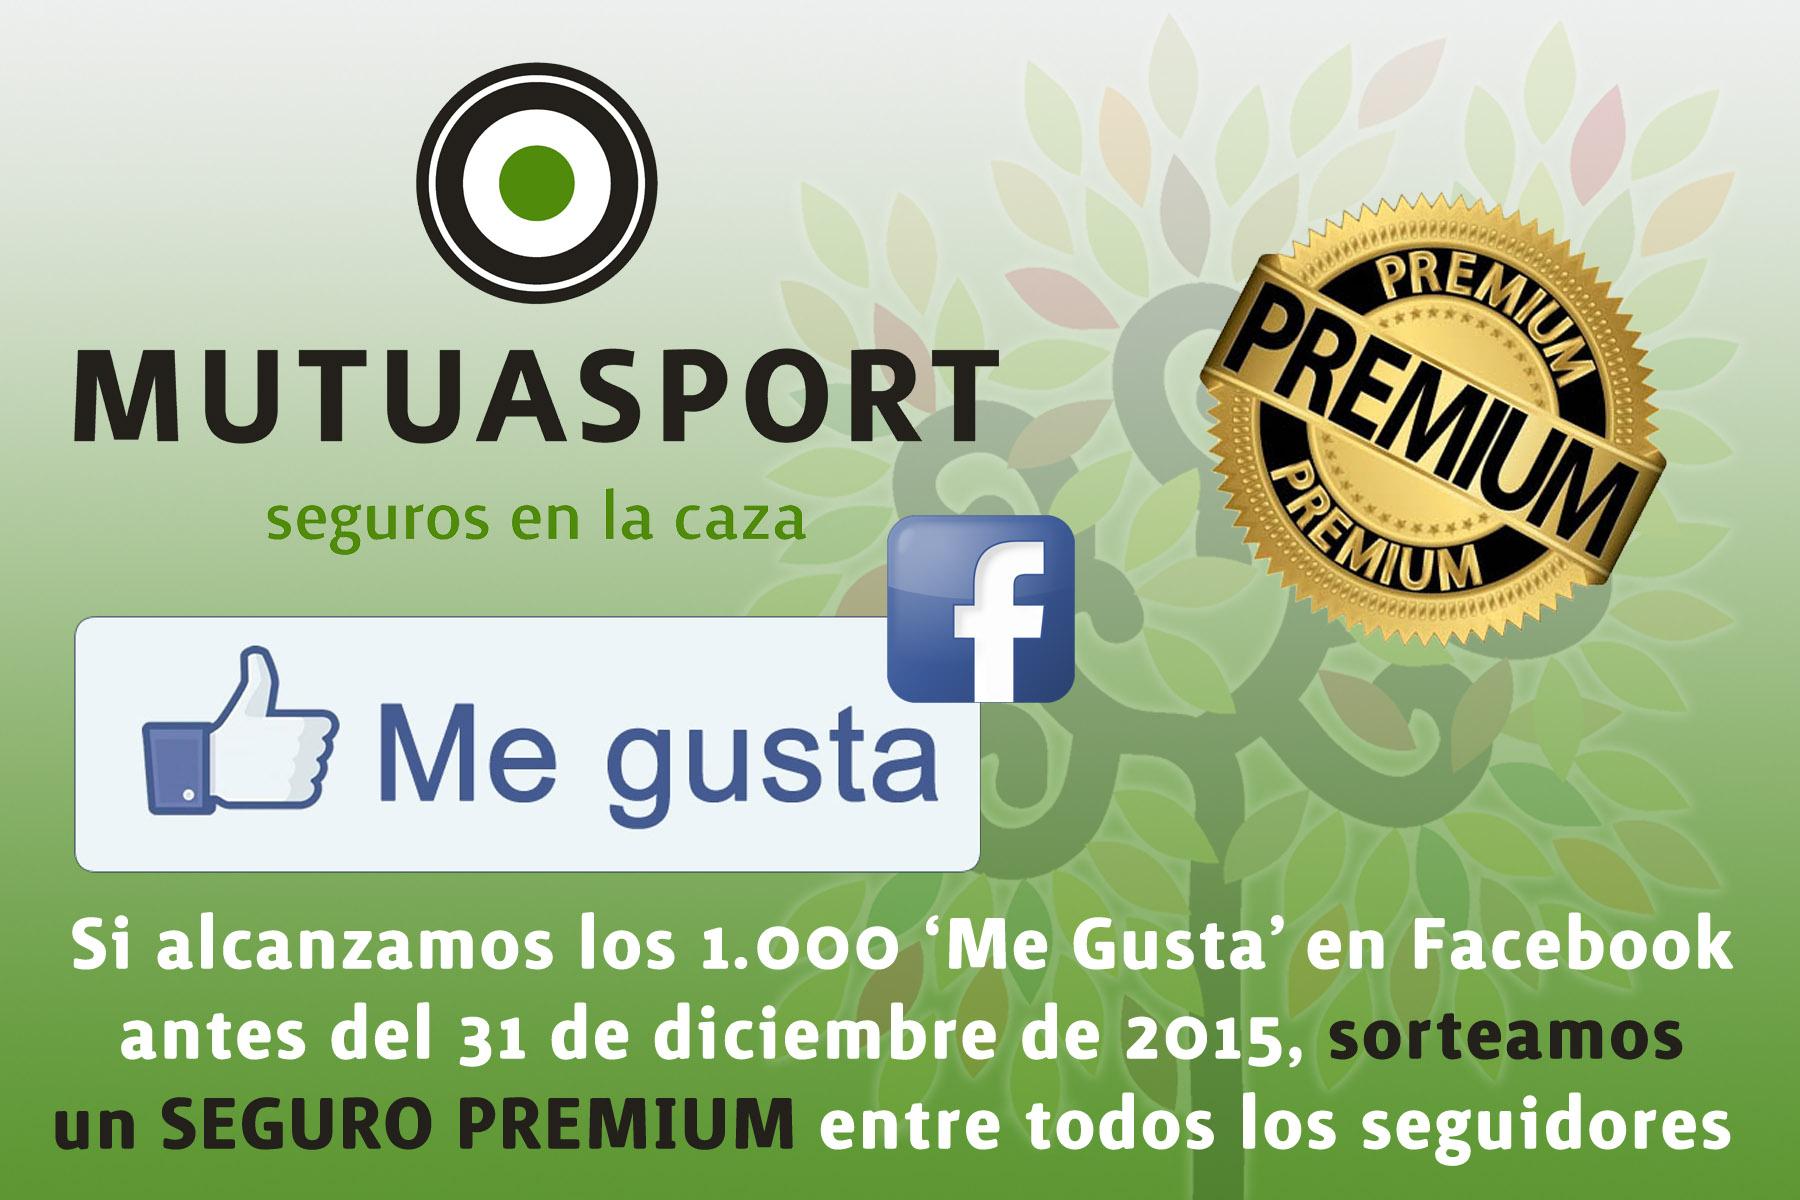 MUTUASPORT sortea un seguro Premium entre sus seguidores en Facebook